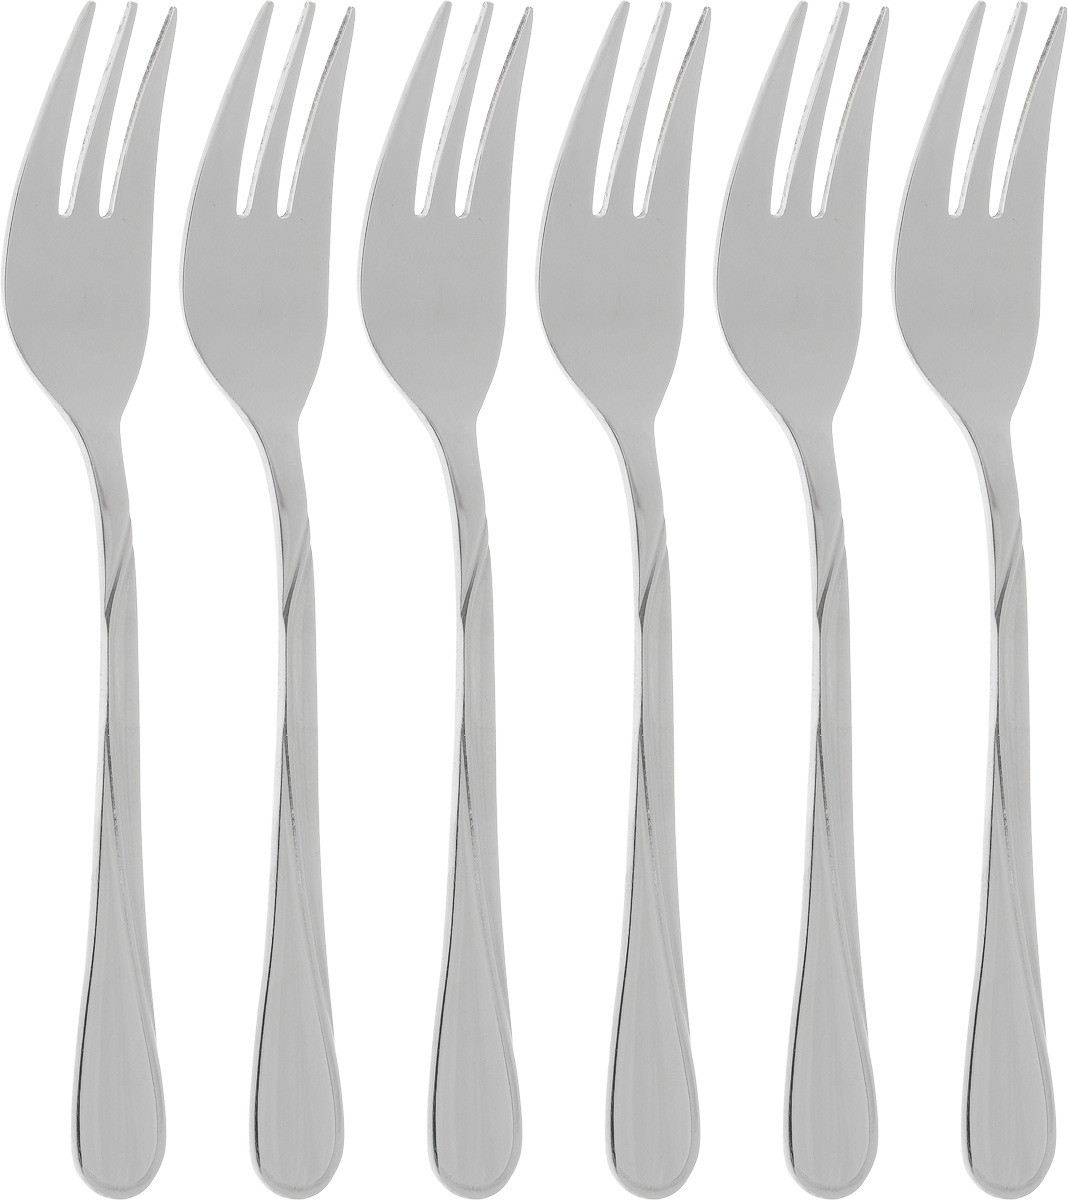 Набор десертных вилок Bohmann Длинная волна № 2, 6 шт7406BH_длинная волна № 2Набор десертных вилок Bohmann Длинная волна № 2 займет достойное место среди аксессуаров на вашей кухне. В набор входит 6 предметов. Вилки изготовлены из нержавеющей стали и имеют эргономичные ручки.Эффектный дизайн, качество изготовления и многофункциональность в использовании позволяют выделить десертные вилки Bohmann Длинная волна №2 из ряда подобных.Длина вилок: 14,5 см.